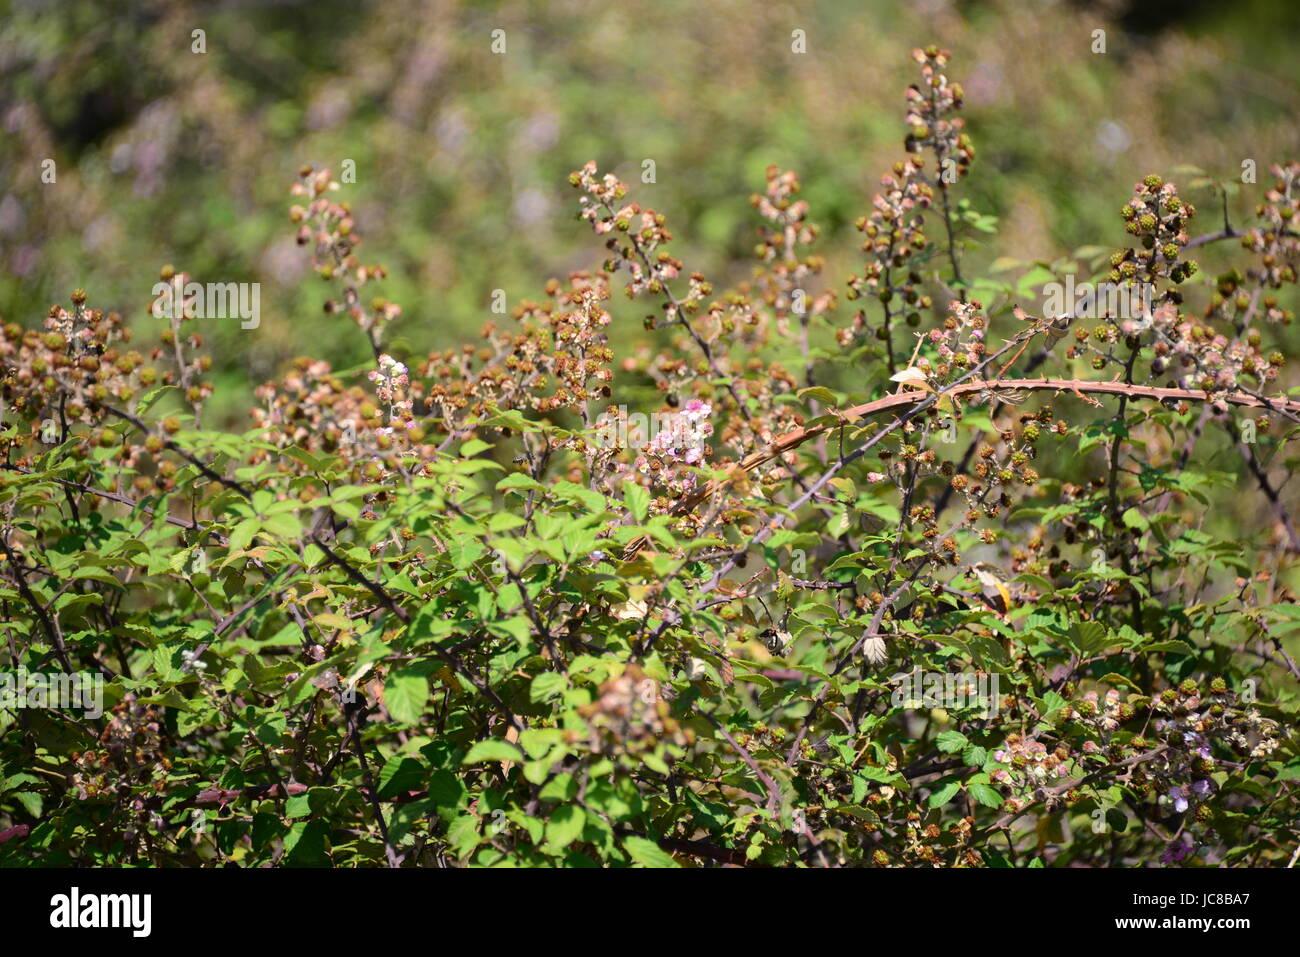 sÜsse frucht blÄtter - Stock Image